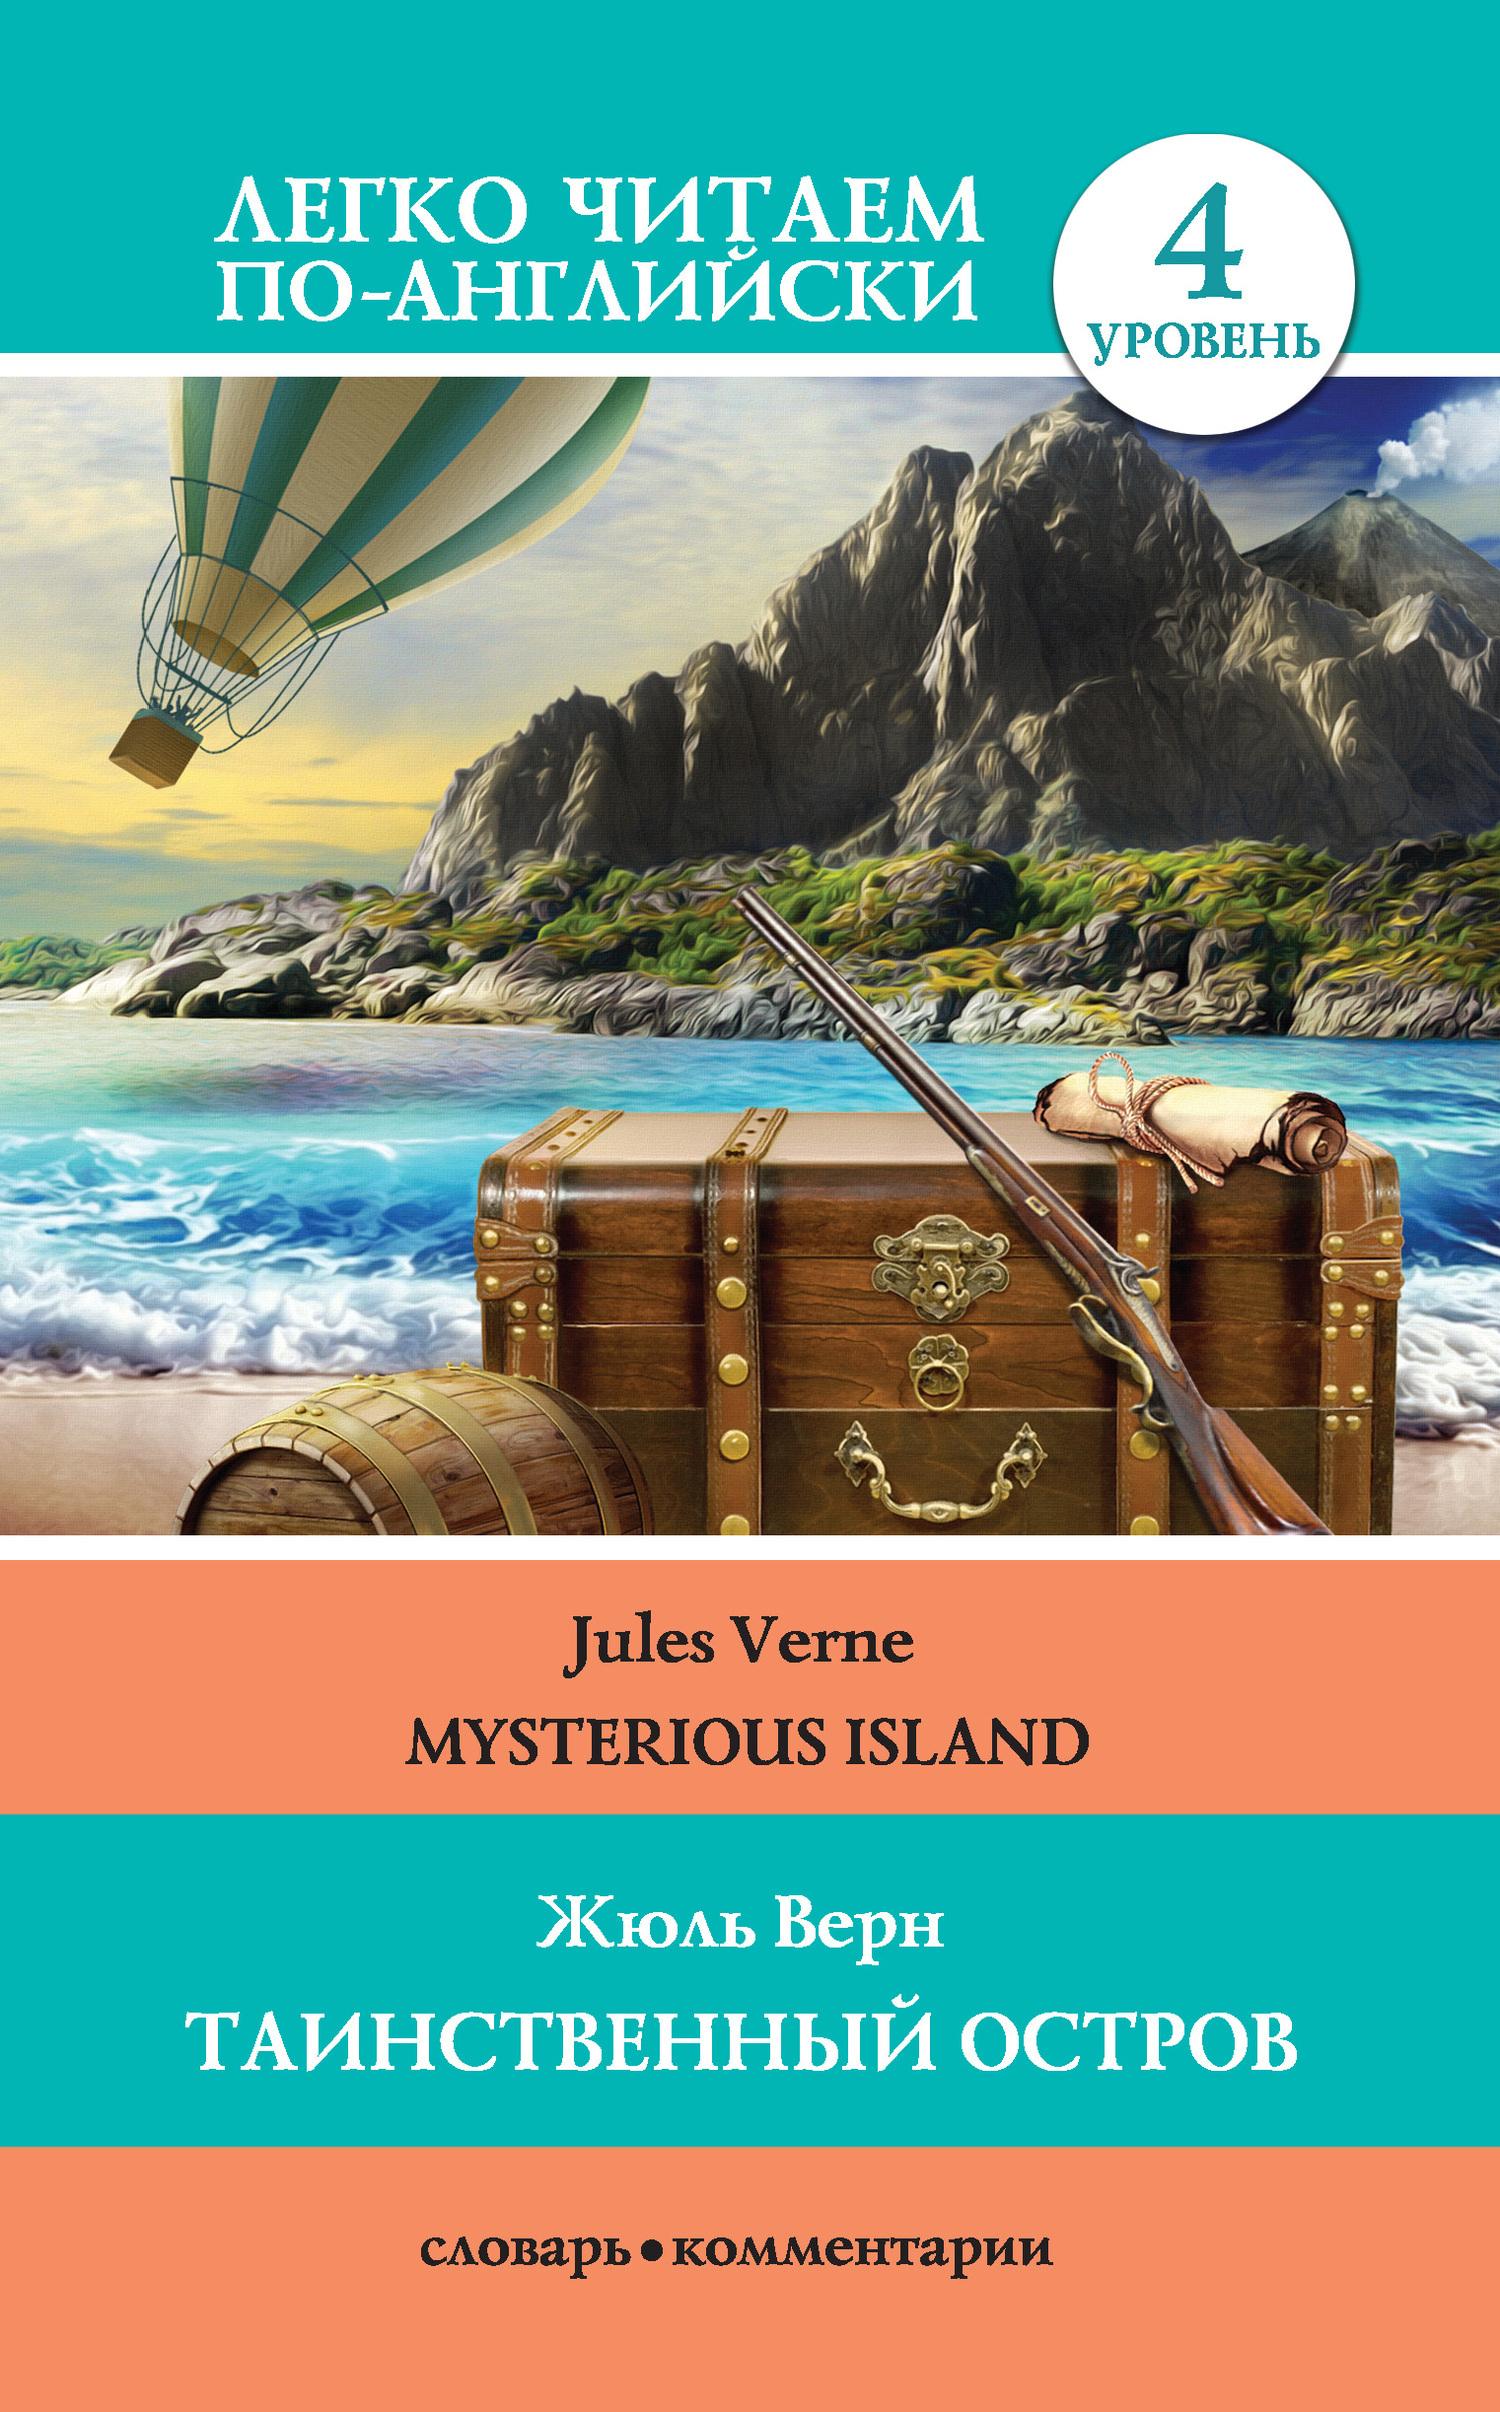 Жюль Верн Таинственный остров / Mysterious Island жюль верн север против юга сквозь блокаду